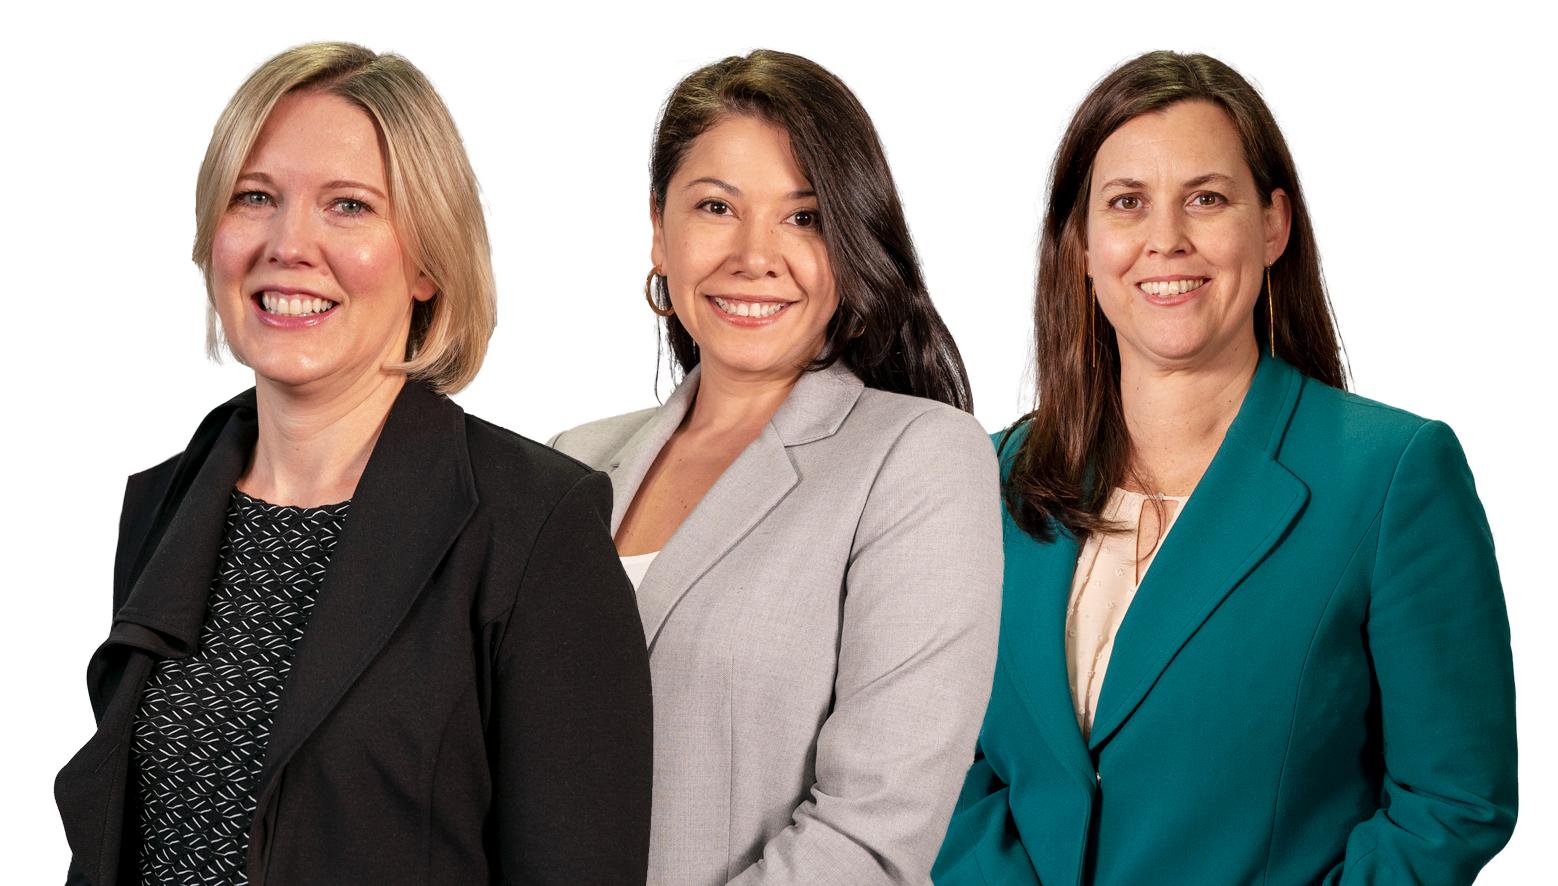 Faith Markham, Diana Bailey, and Laura Sigman